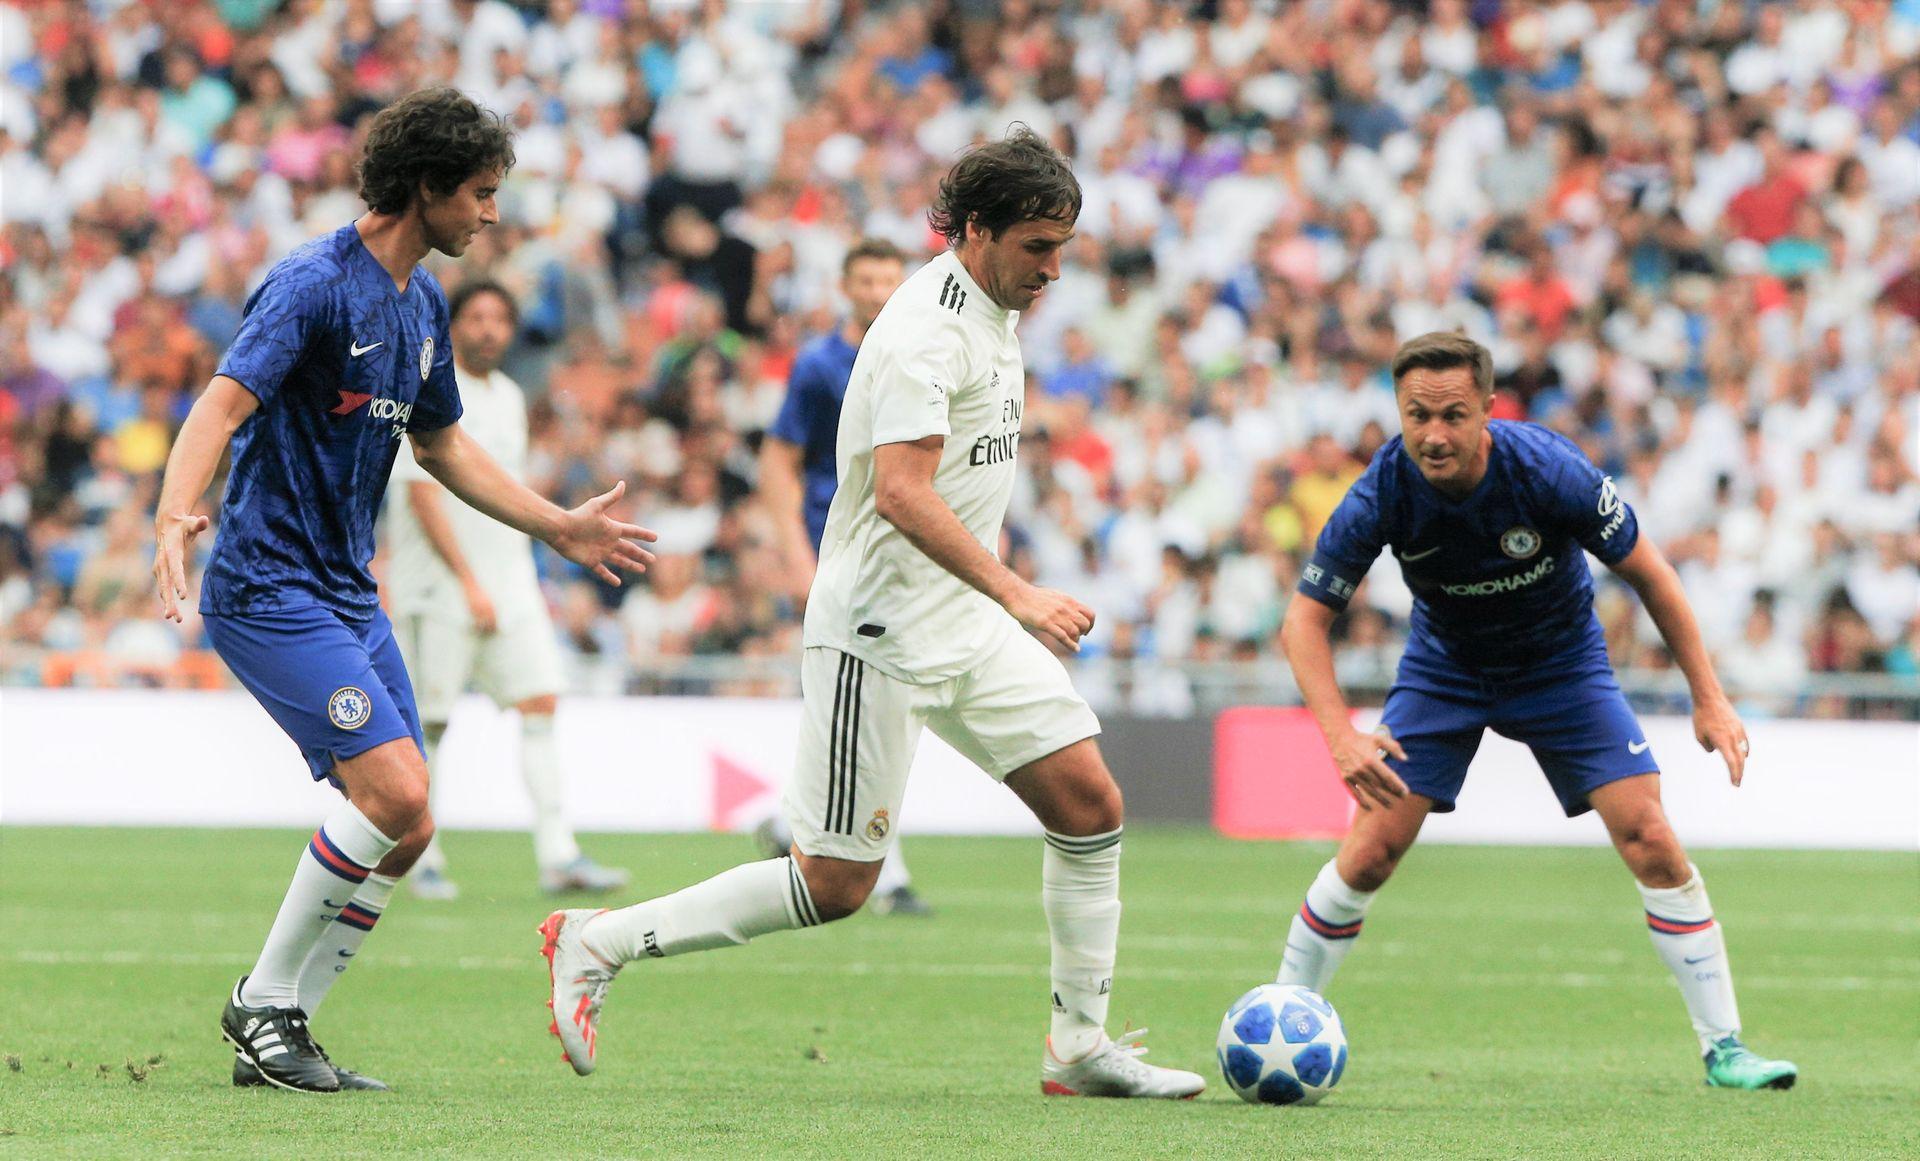 Raúl, en el último Corazón Classic Match entre Real Madrid y Chelsea, el pasado 29 de junio. | Cordon Press